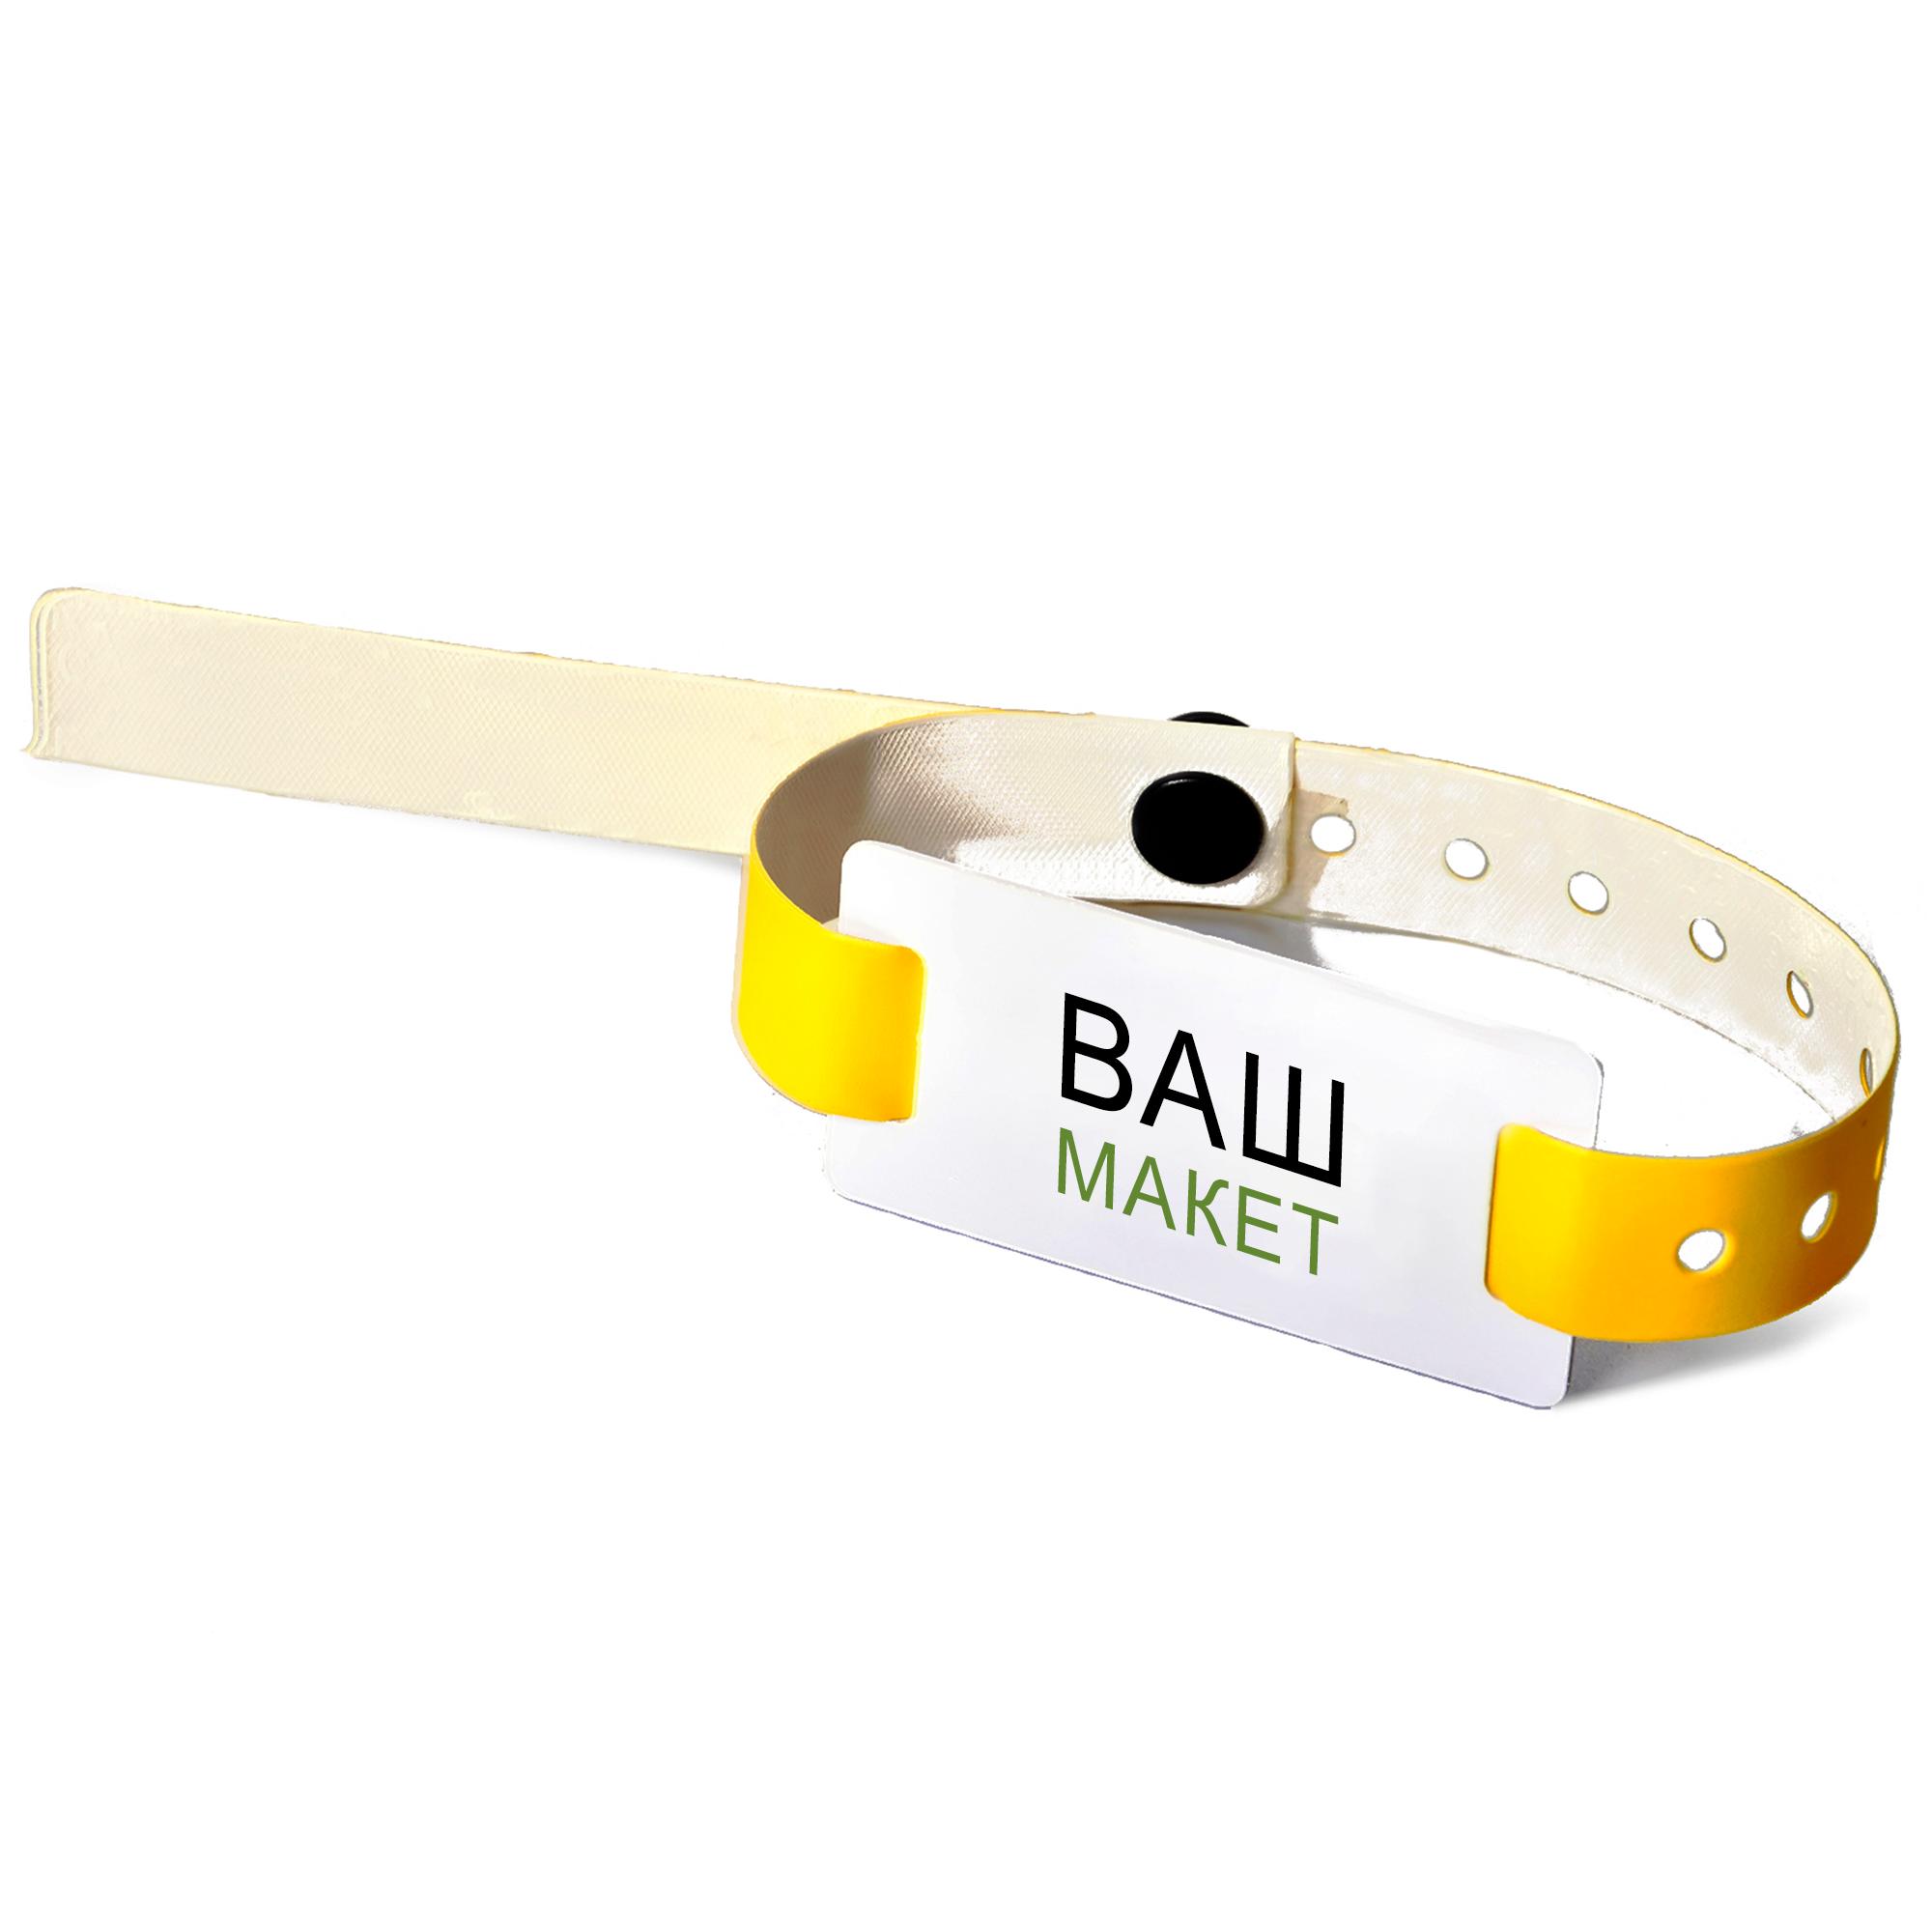 RFID-браслет Mifare 1K з повнокольоровим друком на контрольному ремінці із застібкою